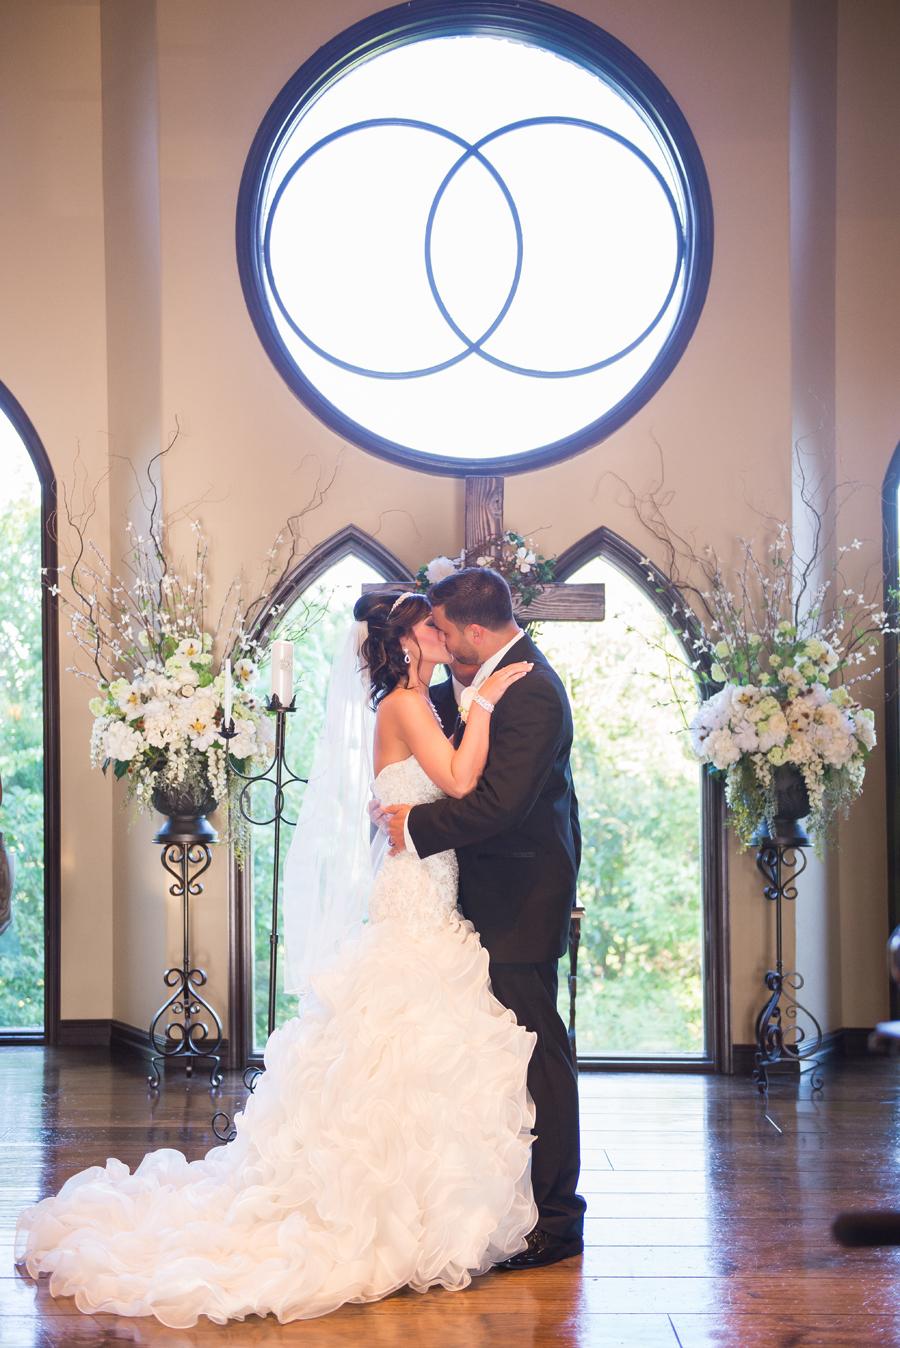 wedding-kiss-tulsa-oklahoma